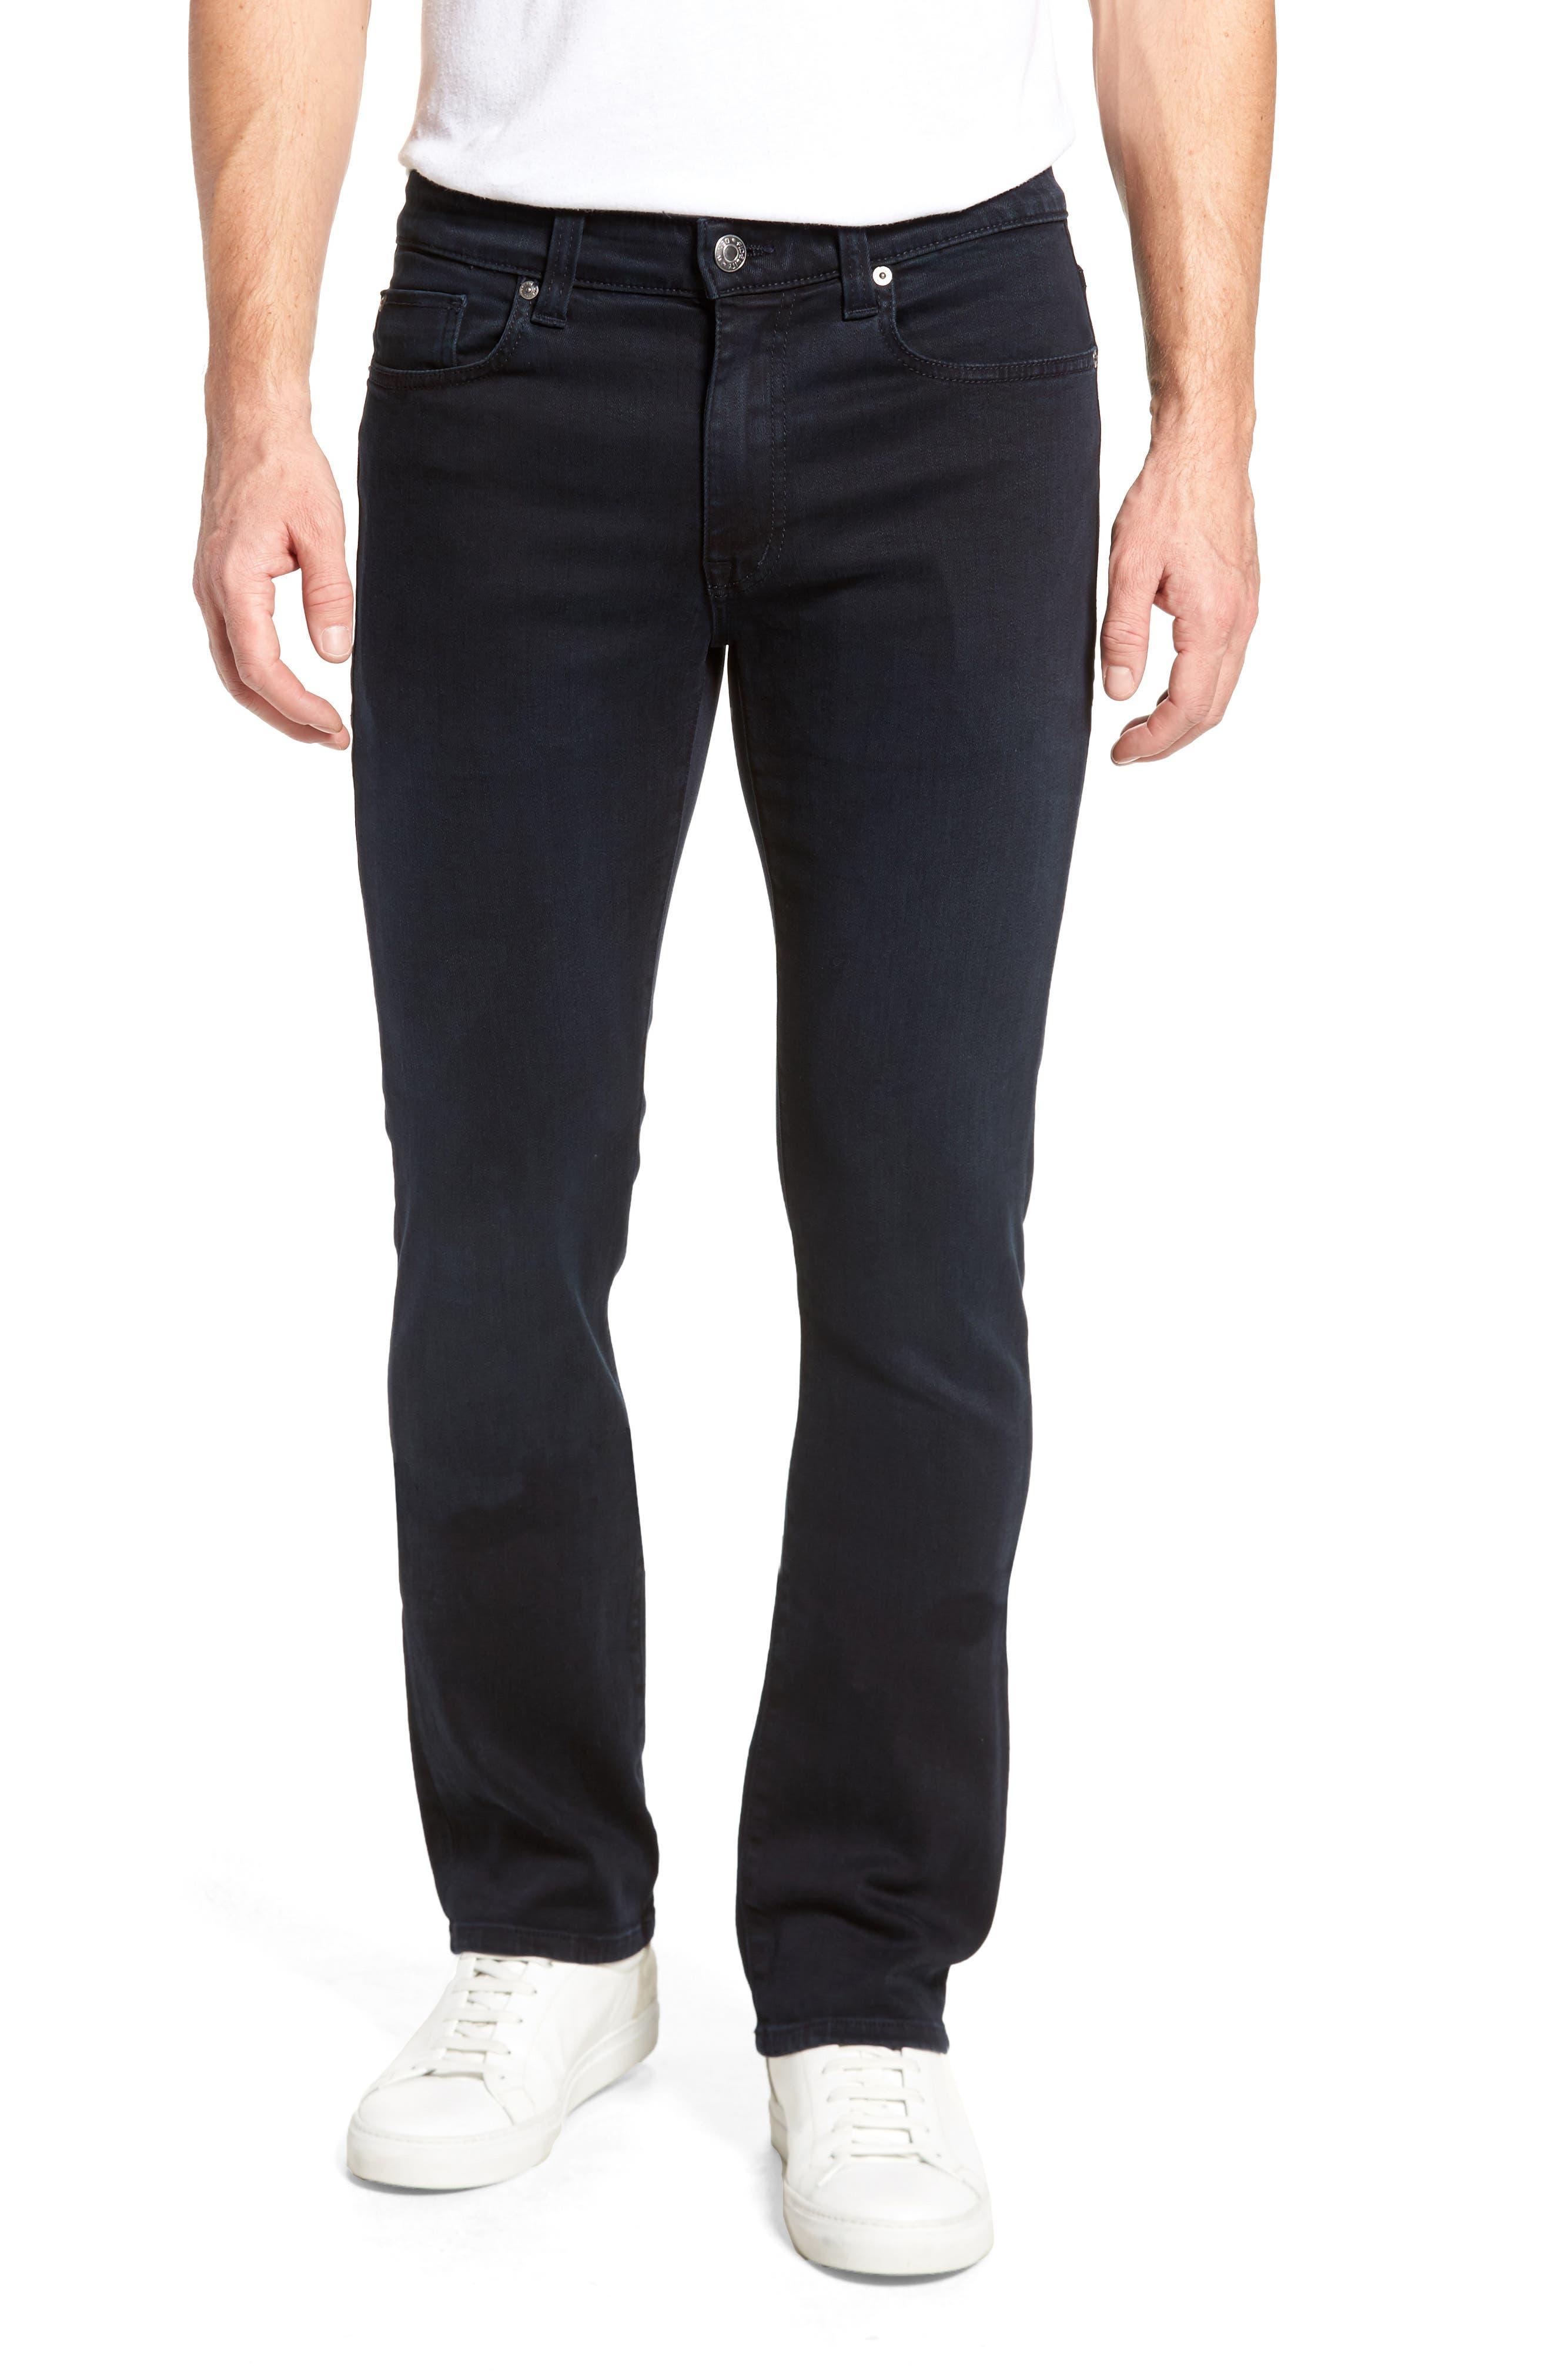 Impala Straight Leg Jeans,                         Main,                         color, Saffire Blue